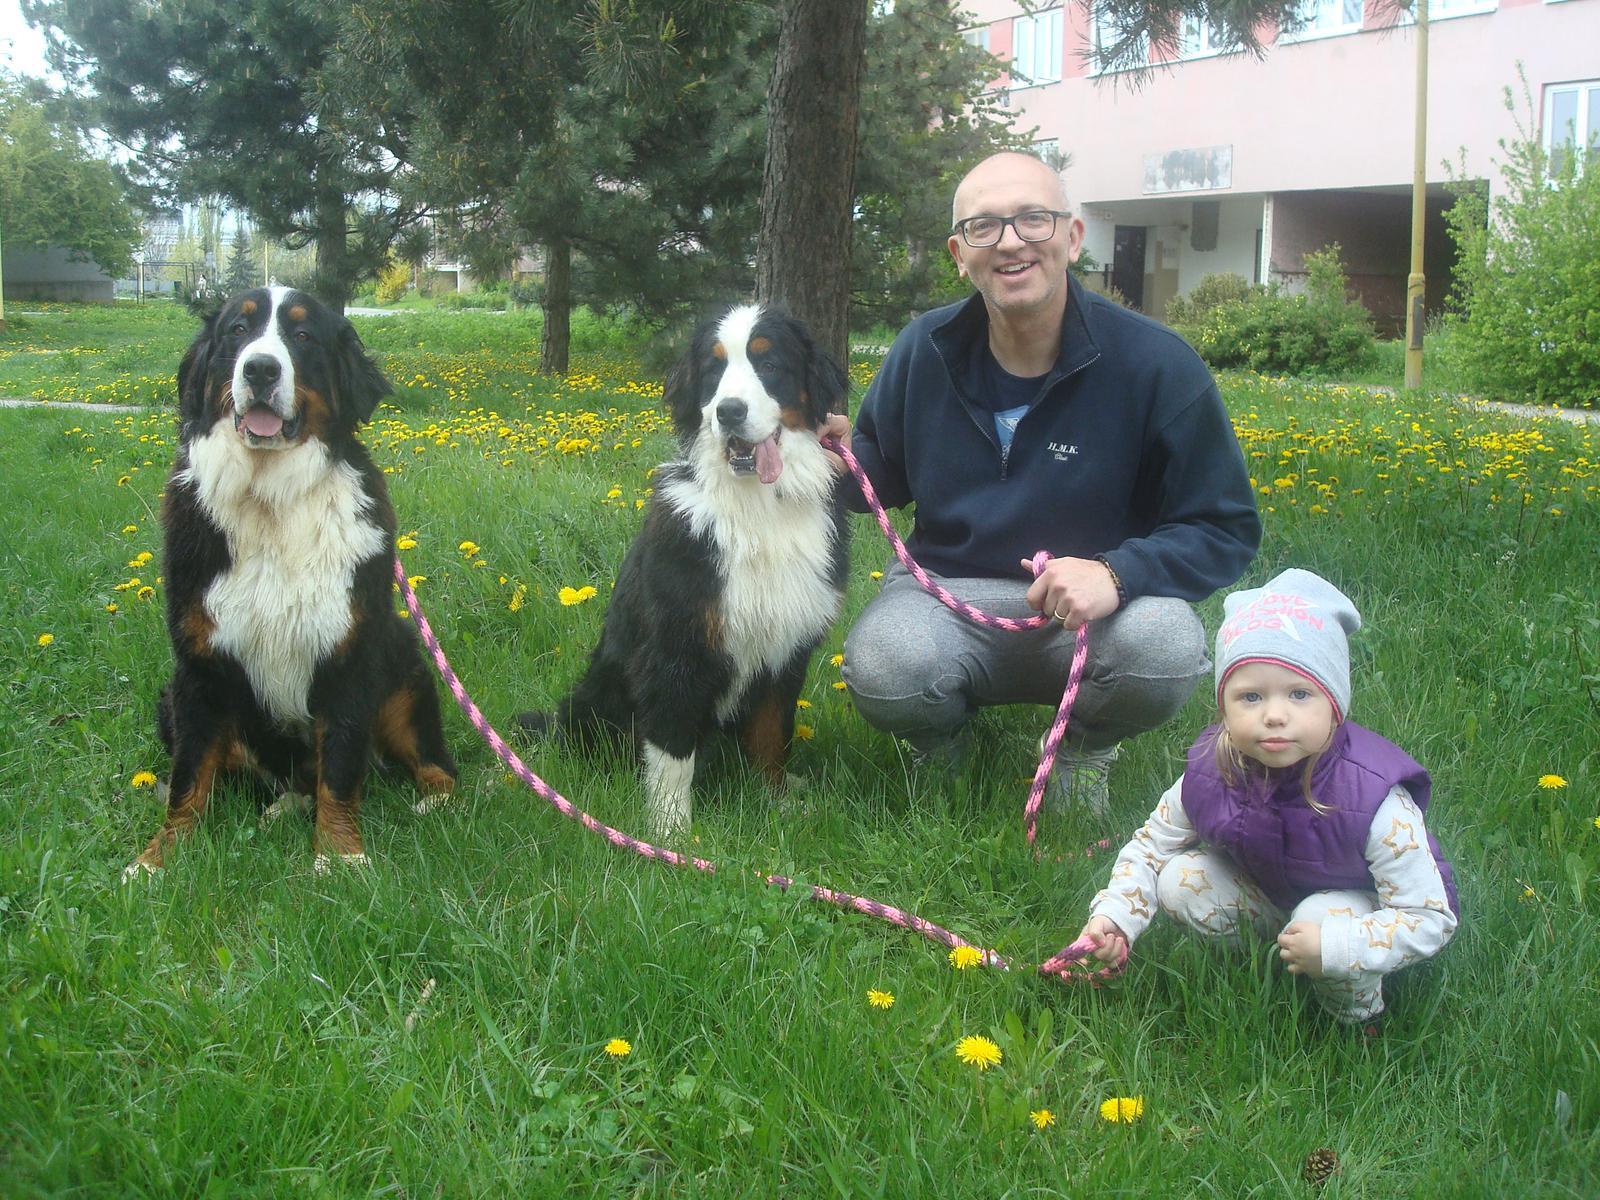 Nas zverinec - dve fenky,jeden pes a dvaja kocurikovia - moje lasky